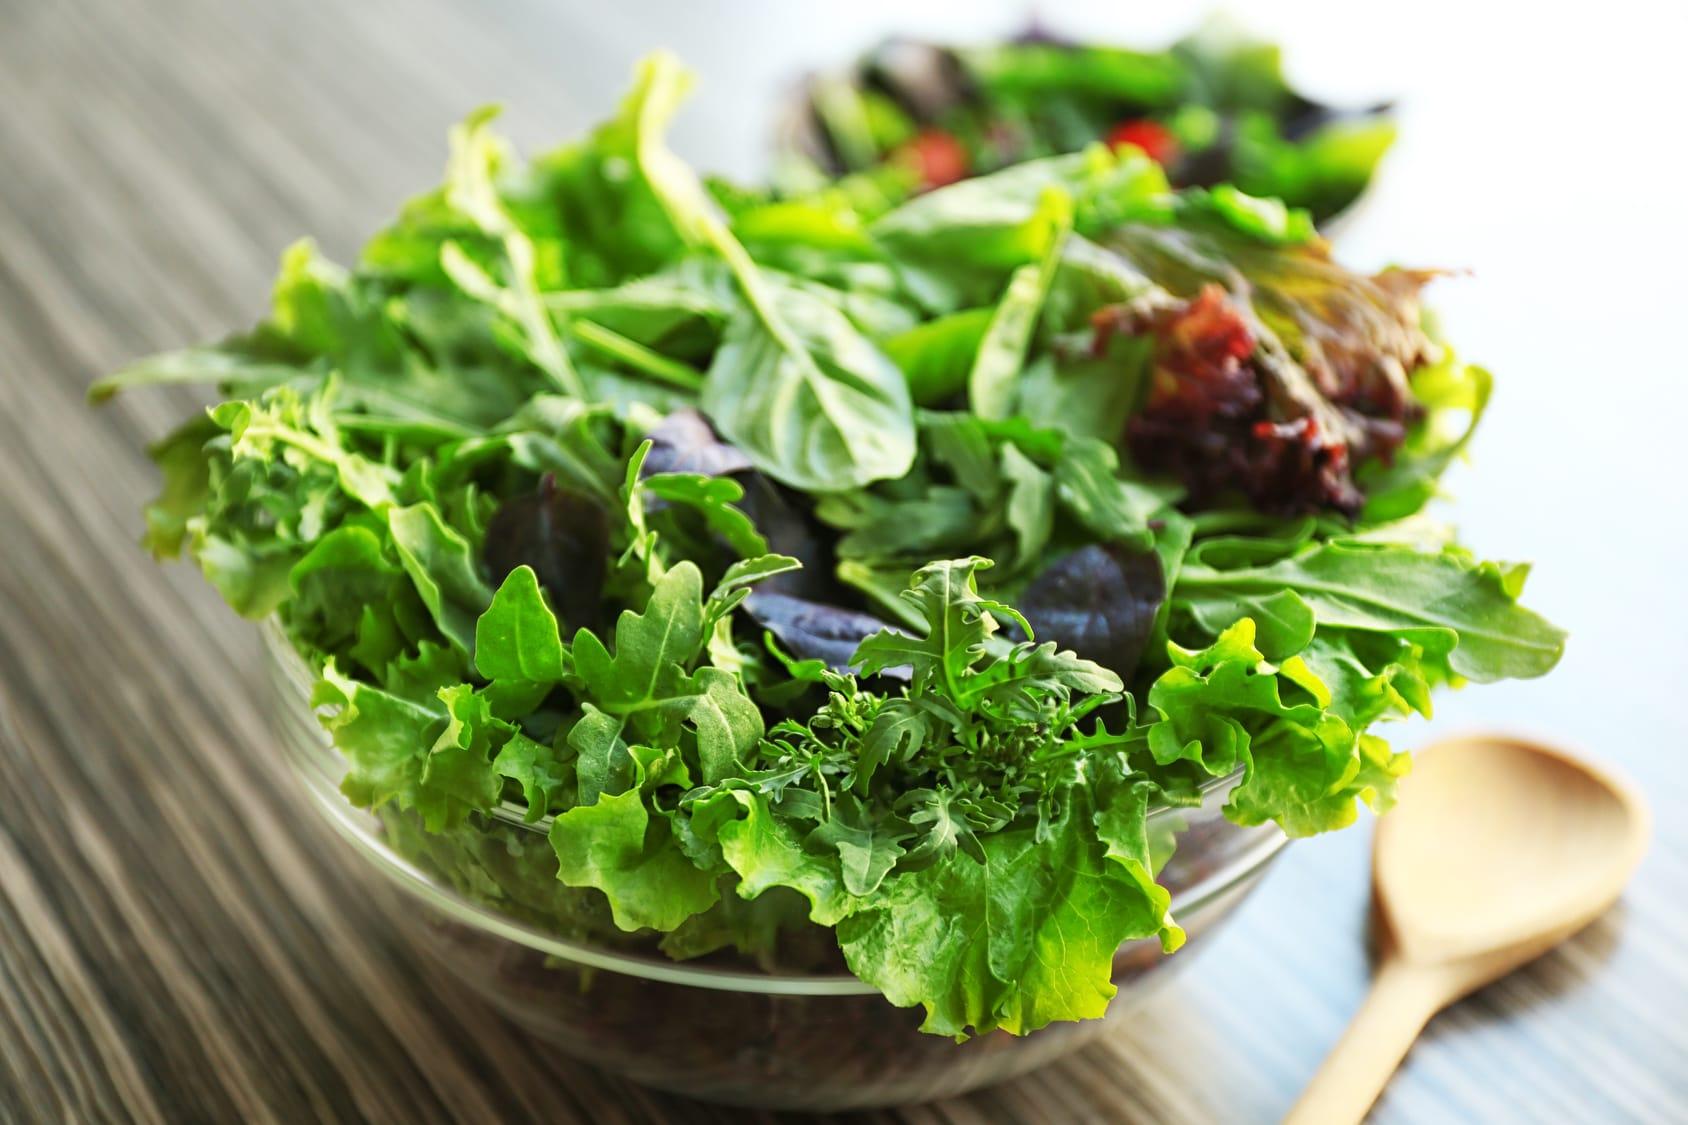 Verliert Salat beim Lagern Vitamine?